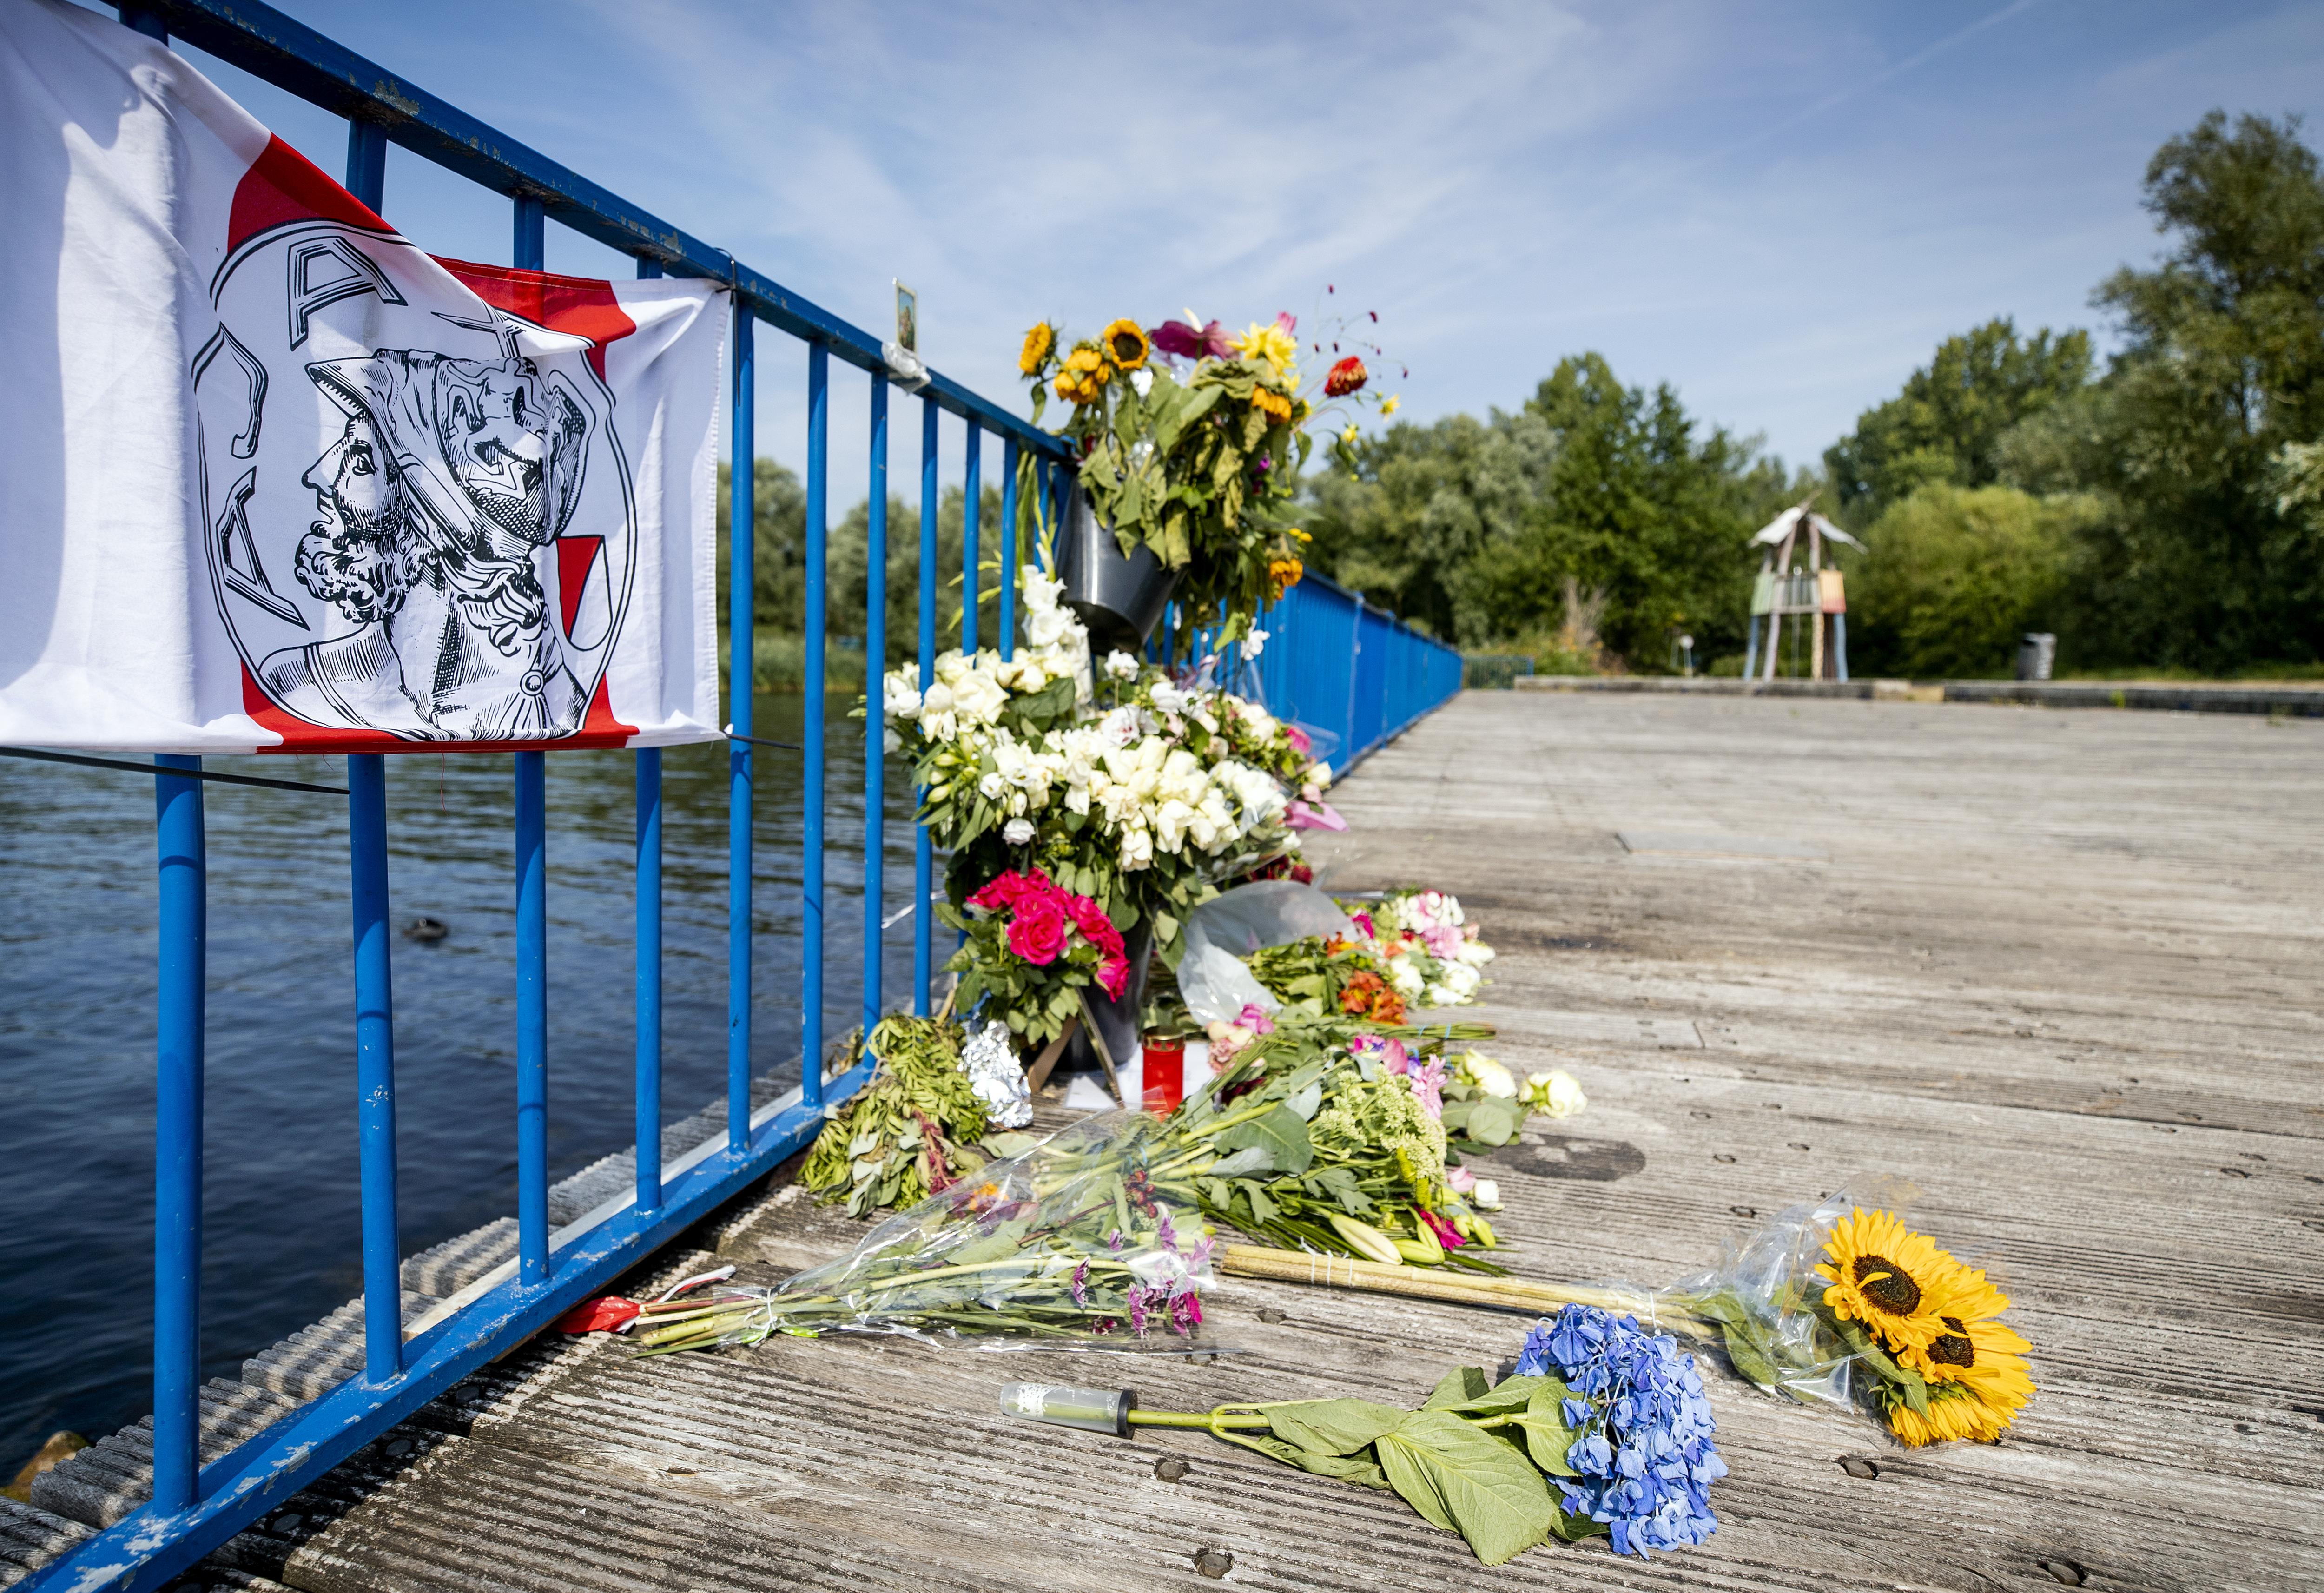 Bloemen voor doodgeschoten man in Amsterdams park